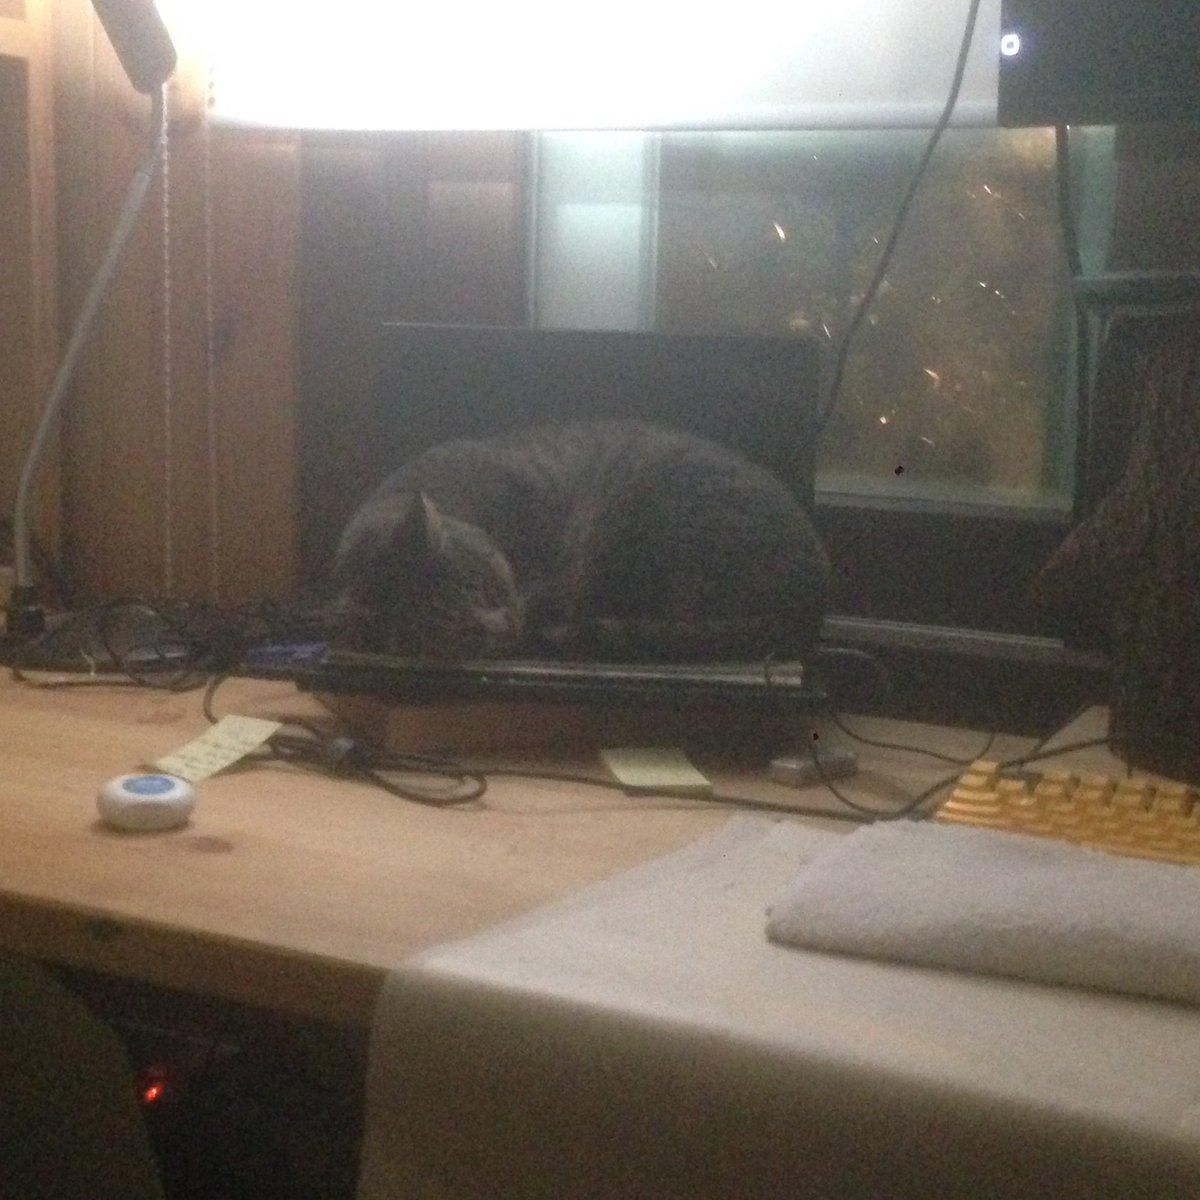 길냥이가 창문을 통해 들어와 노트북위에서 잠들어버렸다. 노트북키를 누르고 있어 작업을 할 수 없다. 일을 멈추고 길냥이를 바라본다. https://t.co/Fw6aW3eW4N